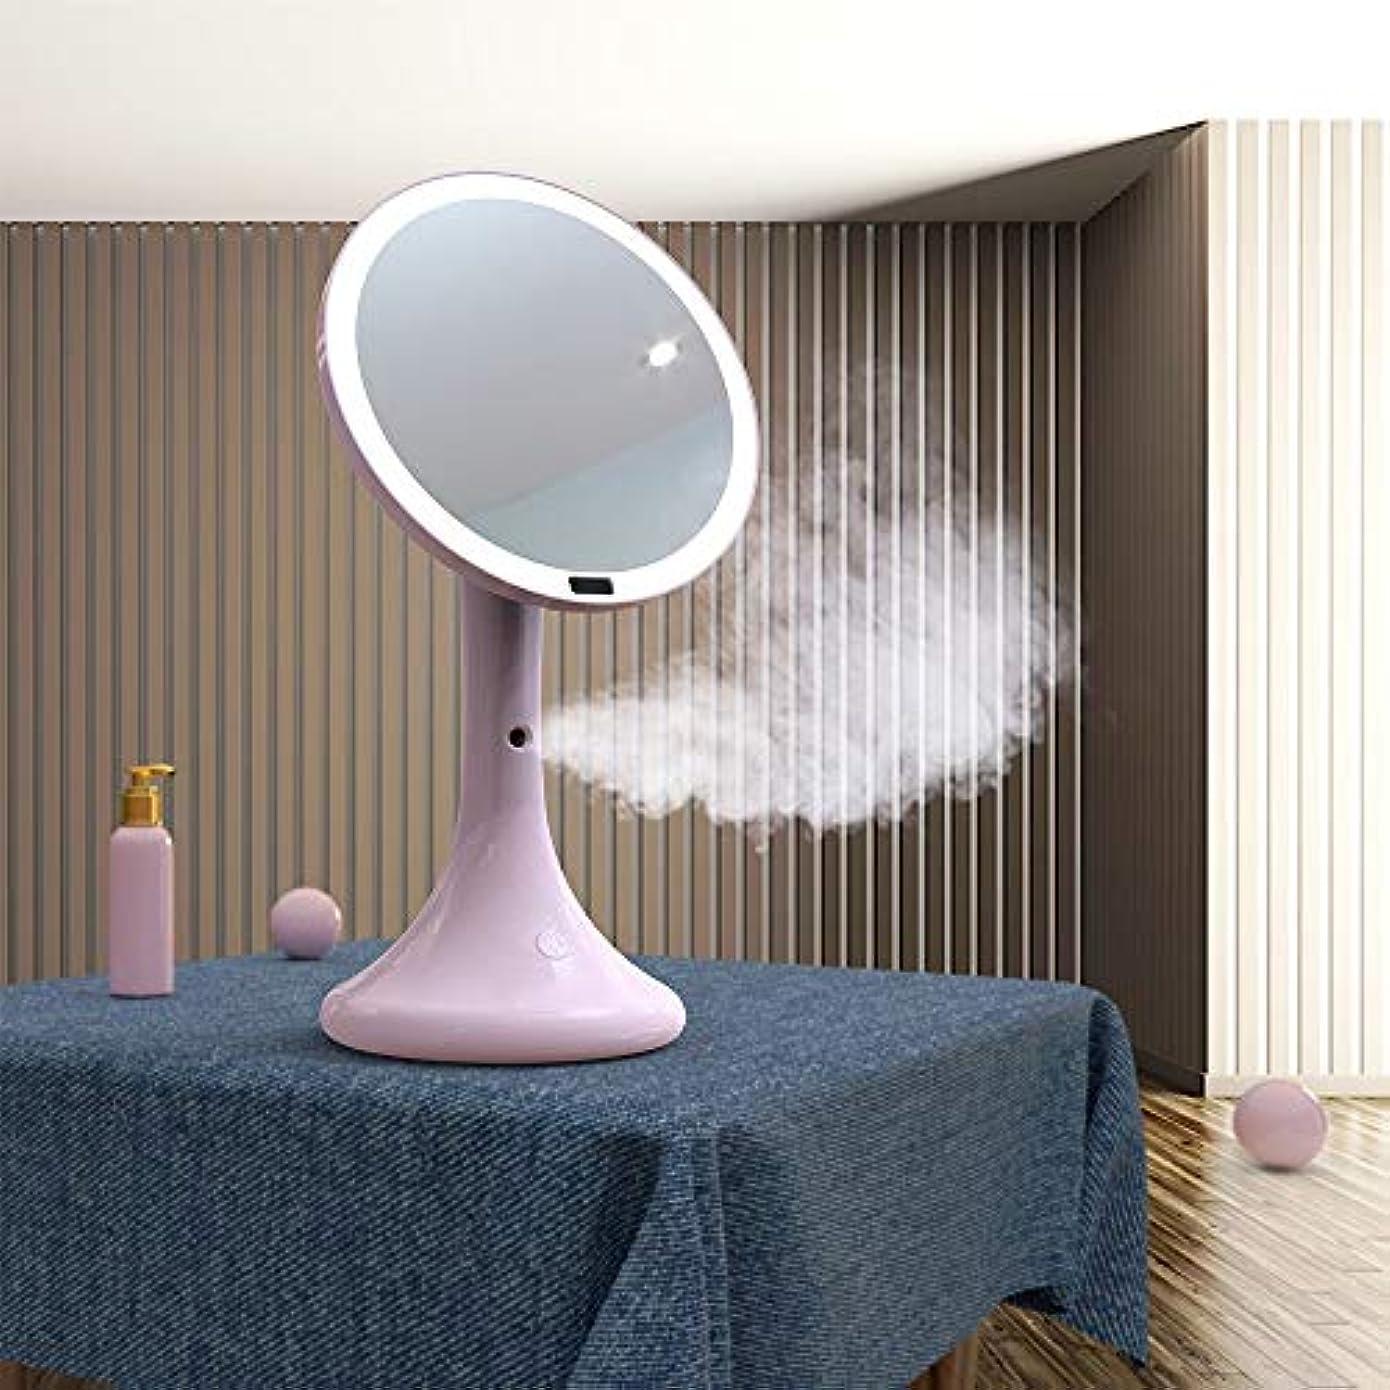 足音押し下げる家主流行の スプレー水和LED化粧鏡インテリジェント人体誘導ランプミラーデスクトップ美容ミラー水和ABS素材ピンクセクションブルーセクション (色 : Pink)